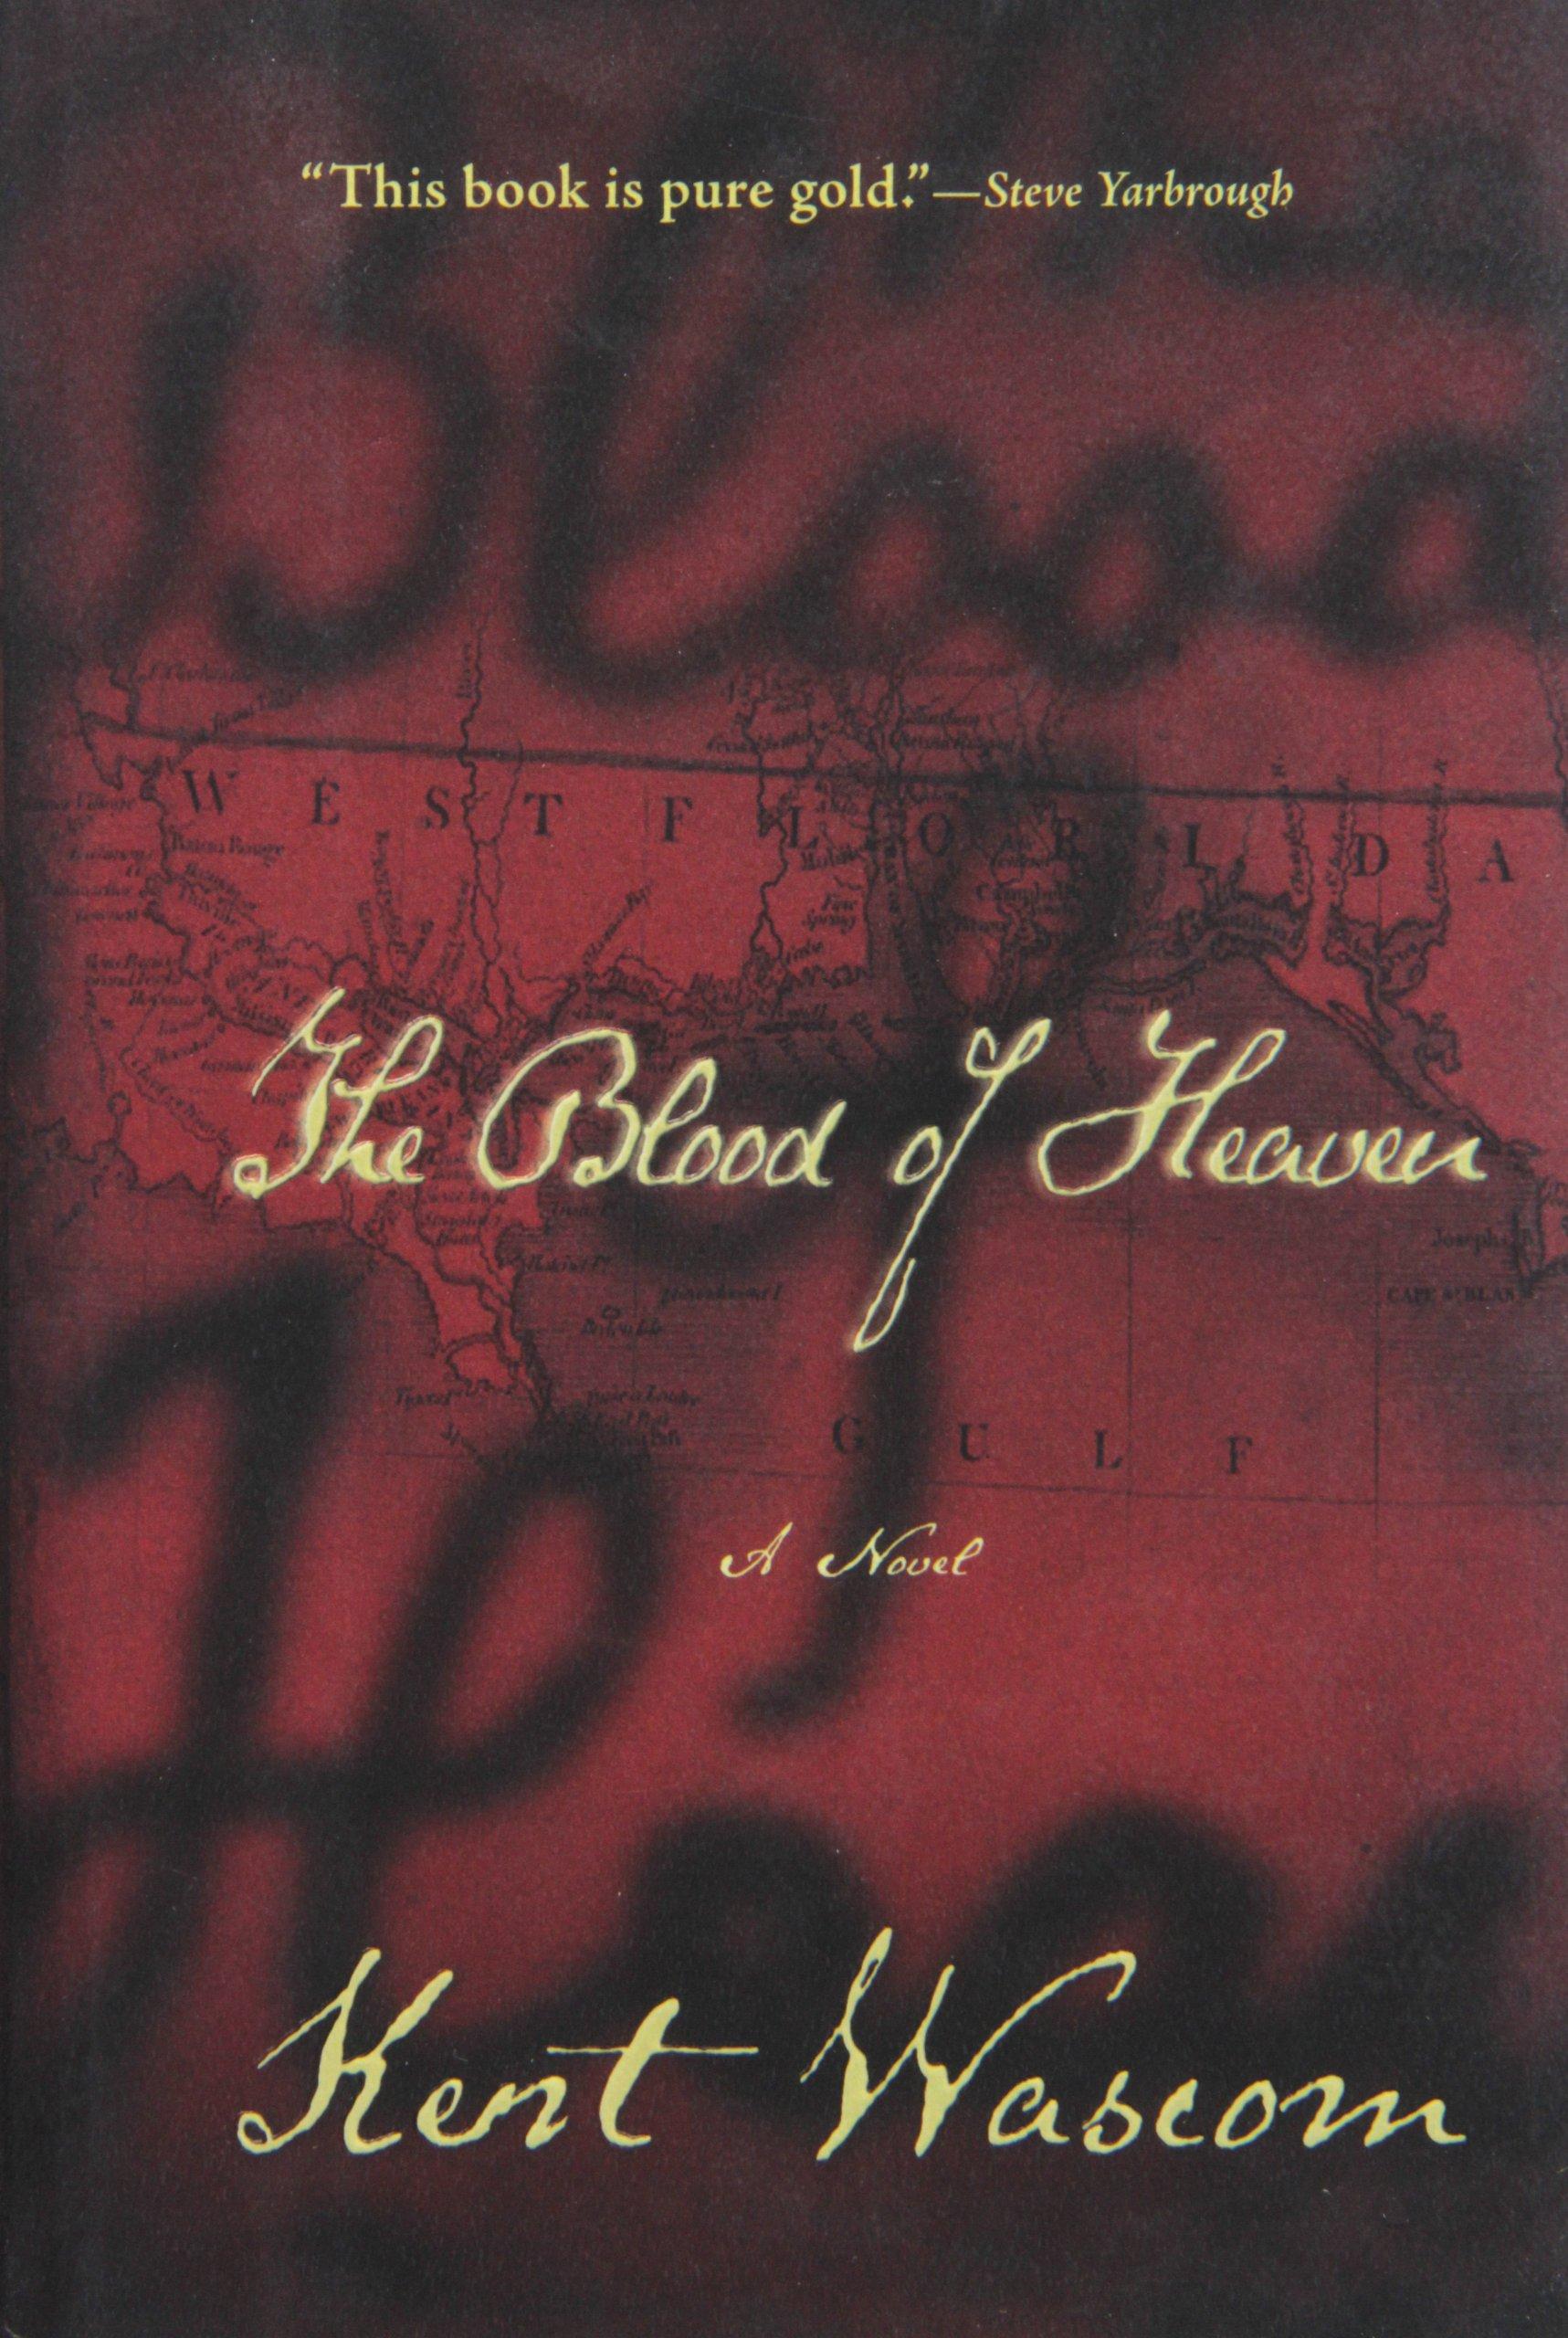 Blood On The Tracks Lyrics